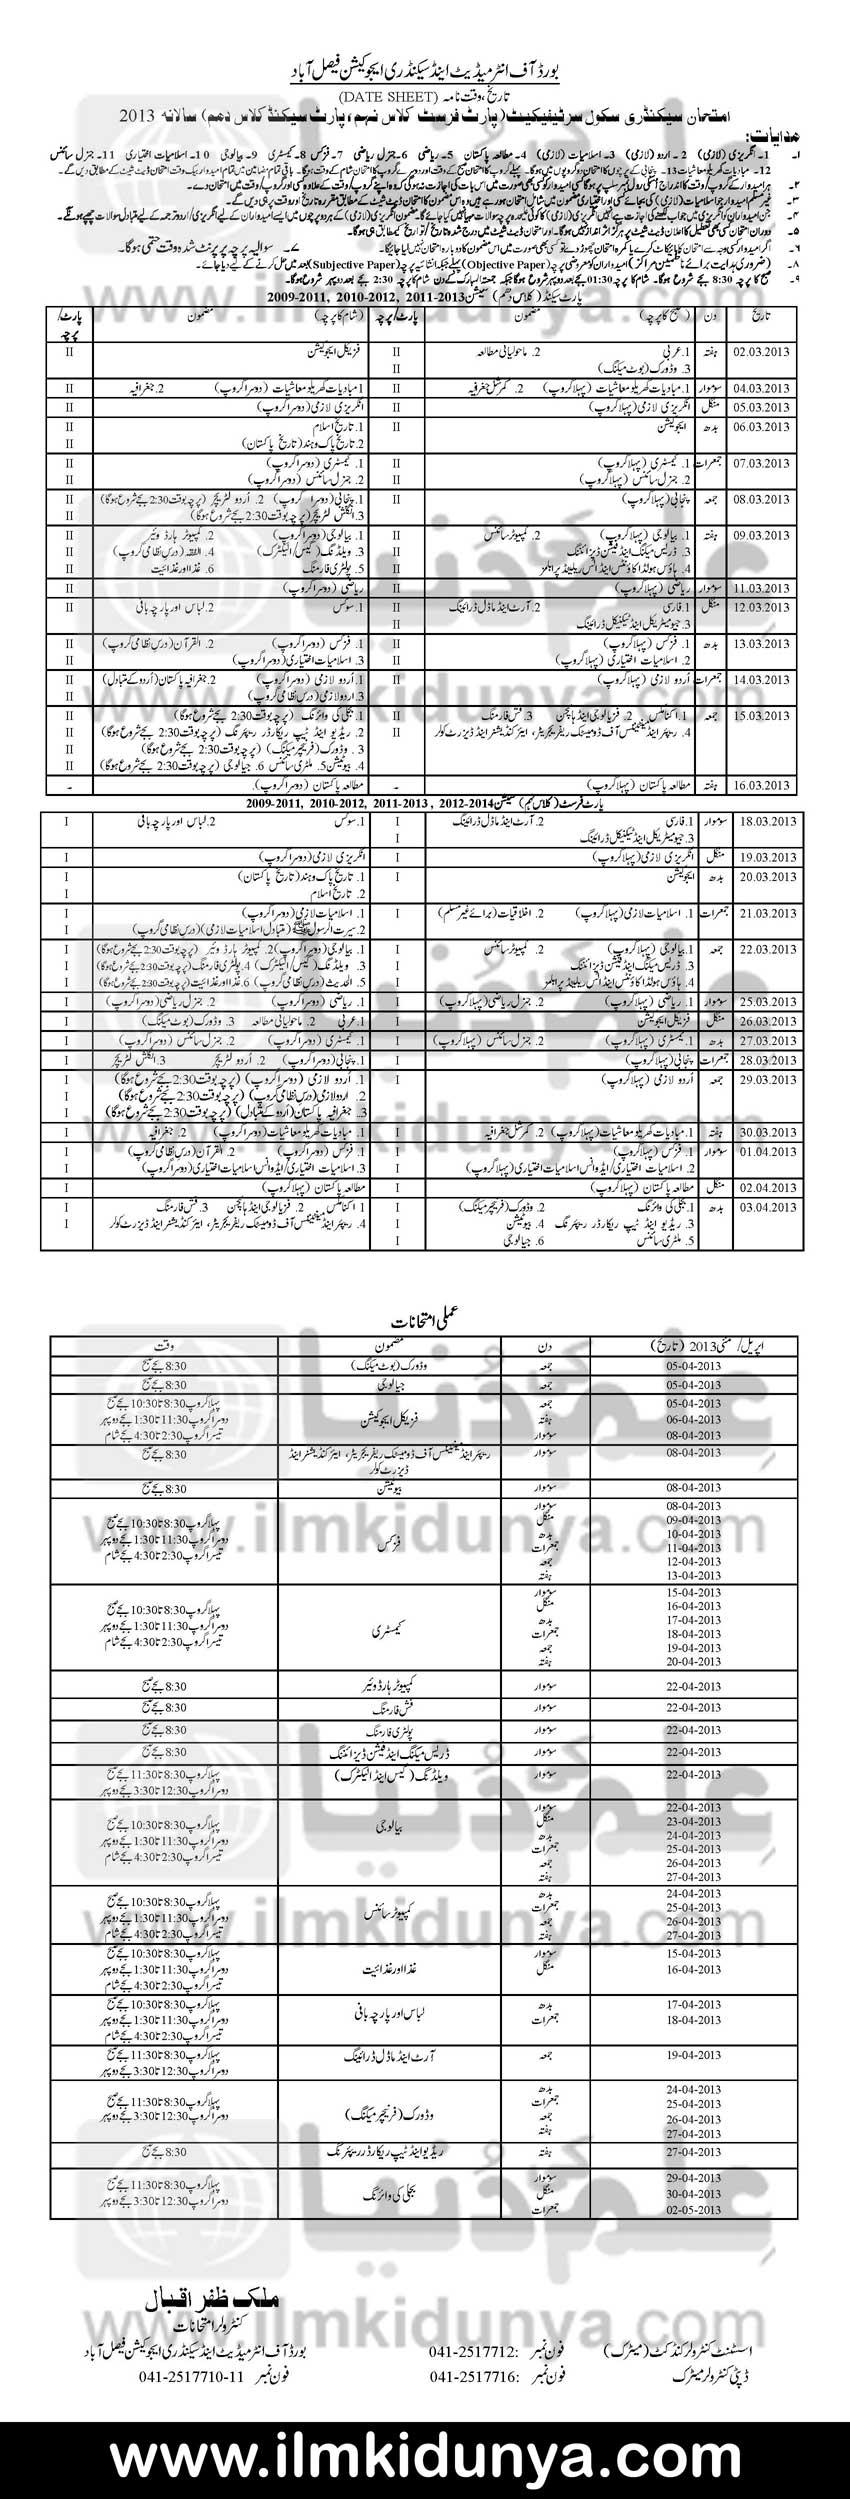 Bise Faisalabad Board Matric